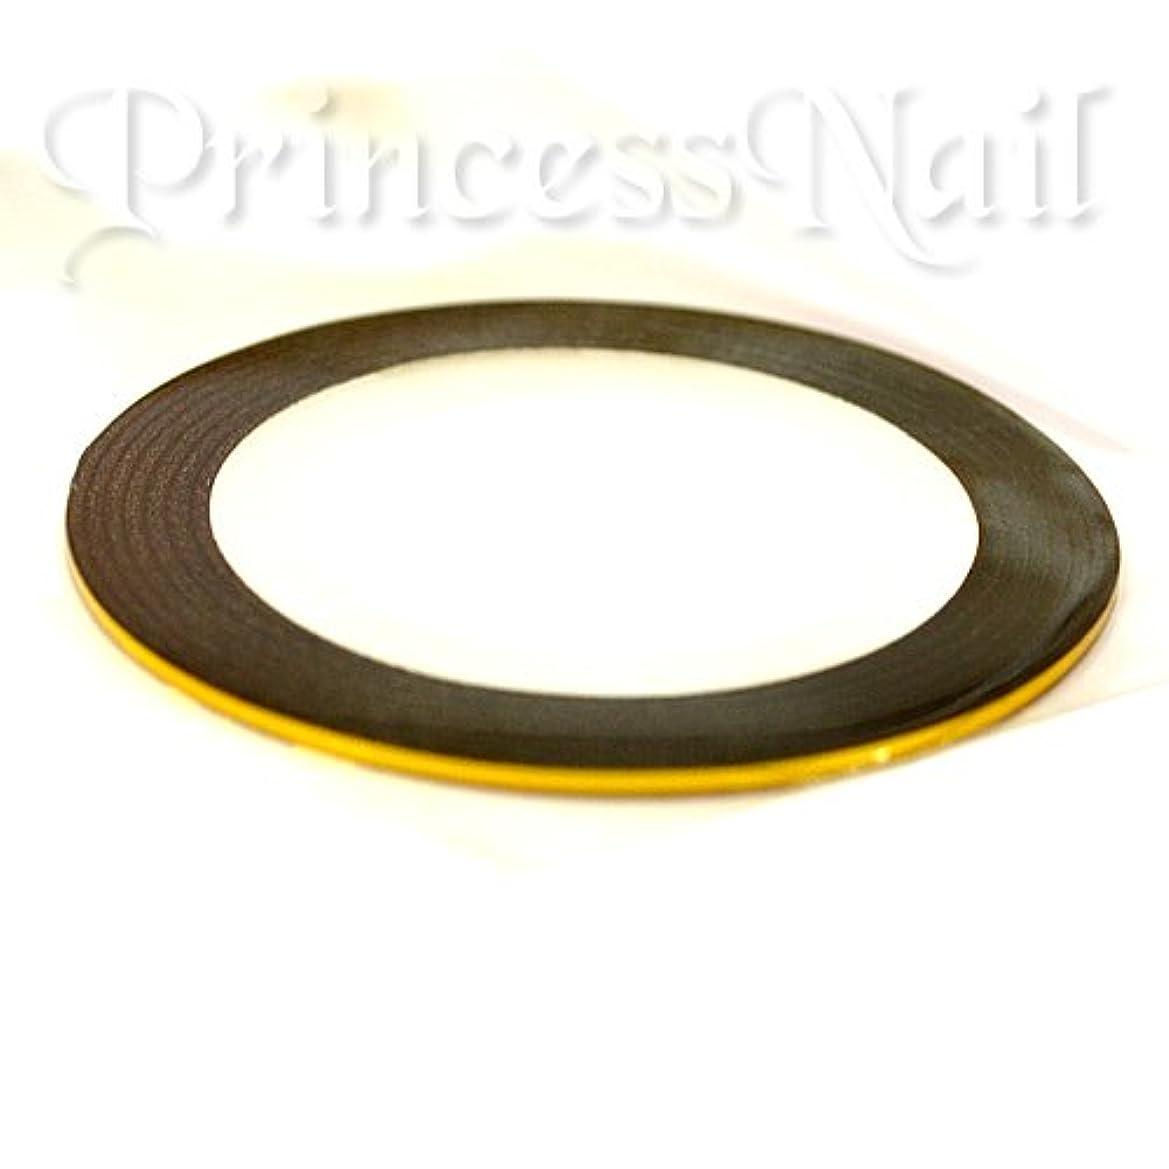 逆粒子不道徳ラインテープ ゴールド(gold)幅1ミリ×長さ18メートルのラインシール